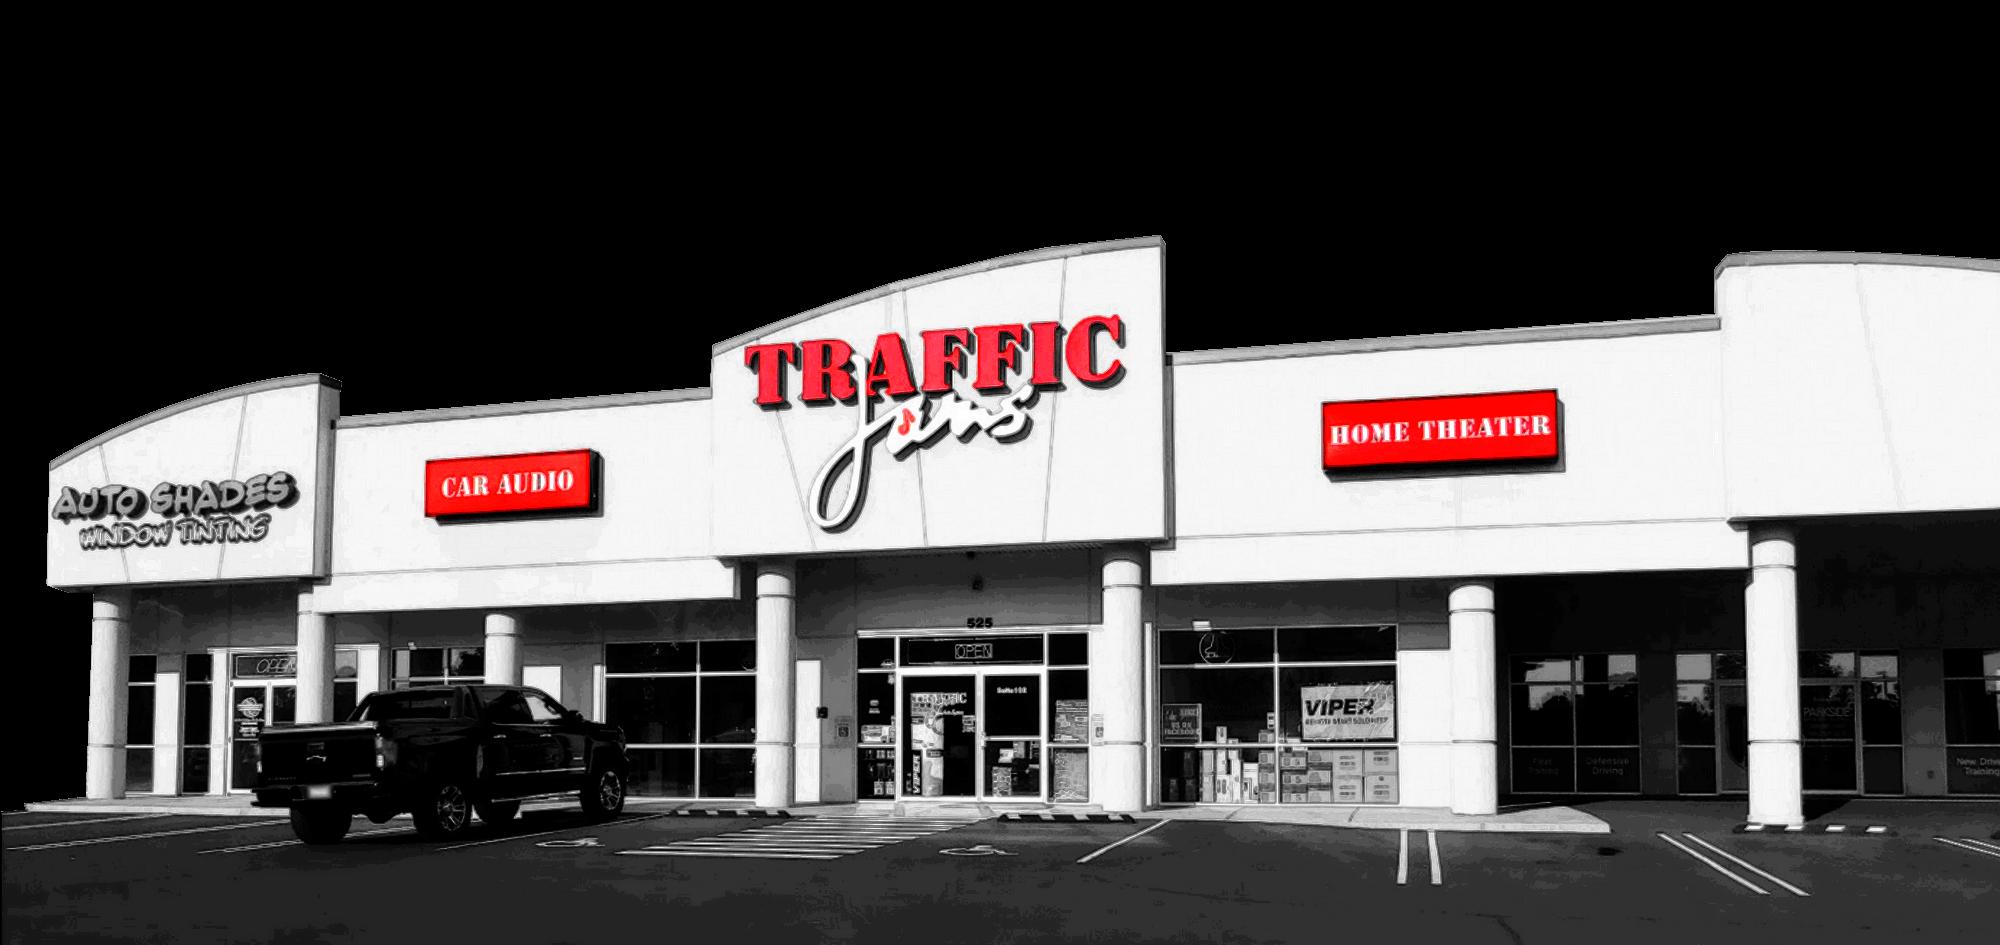 tjams exterior BW - Traffic Jams — Kennewick, WA